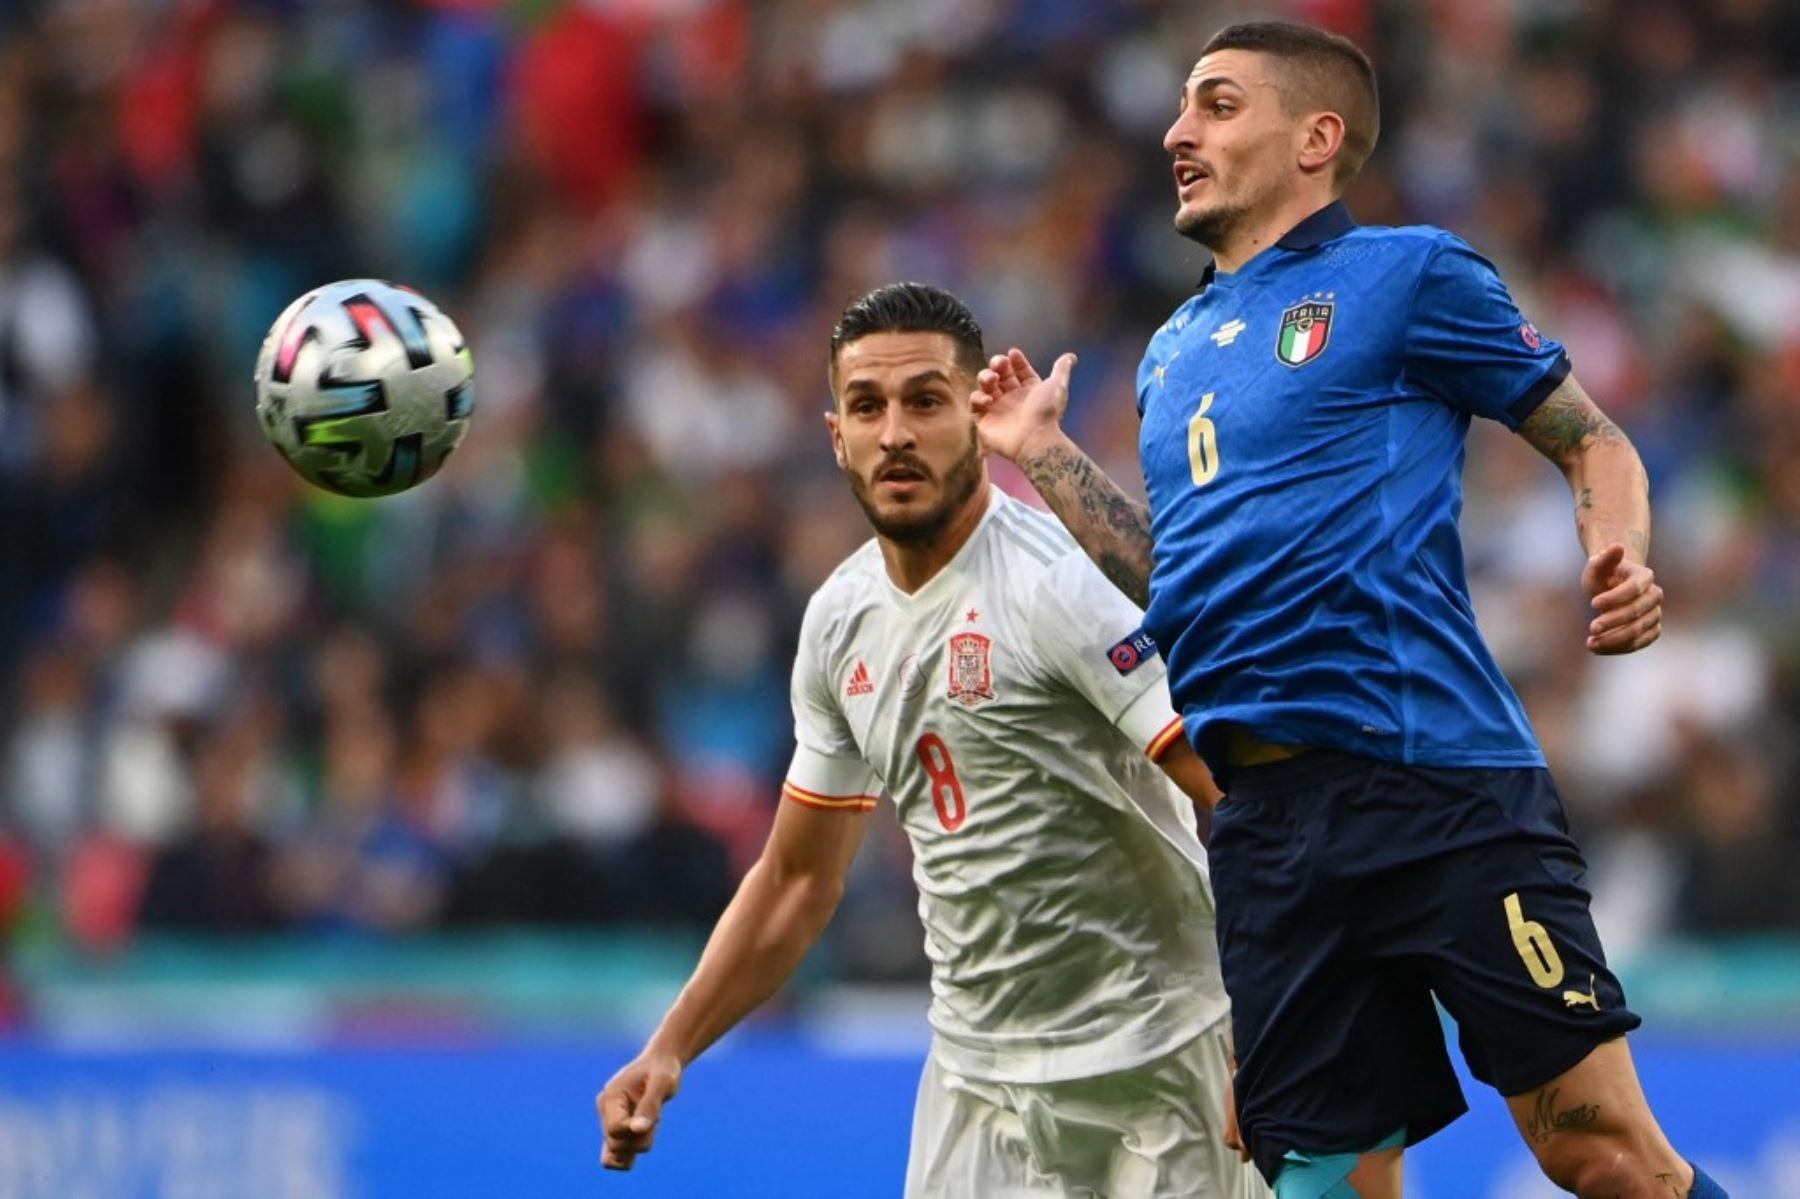 Italia y España juegan hoy por un lugar en la final de la Liga de Naciones